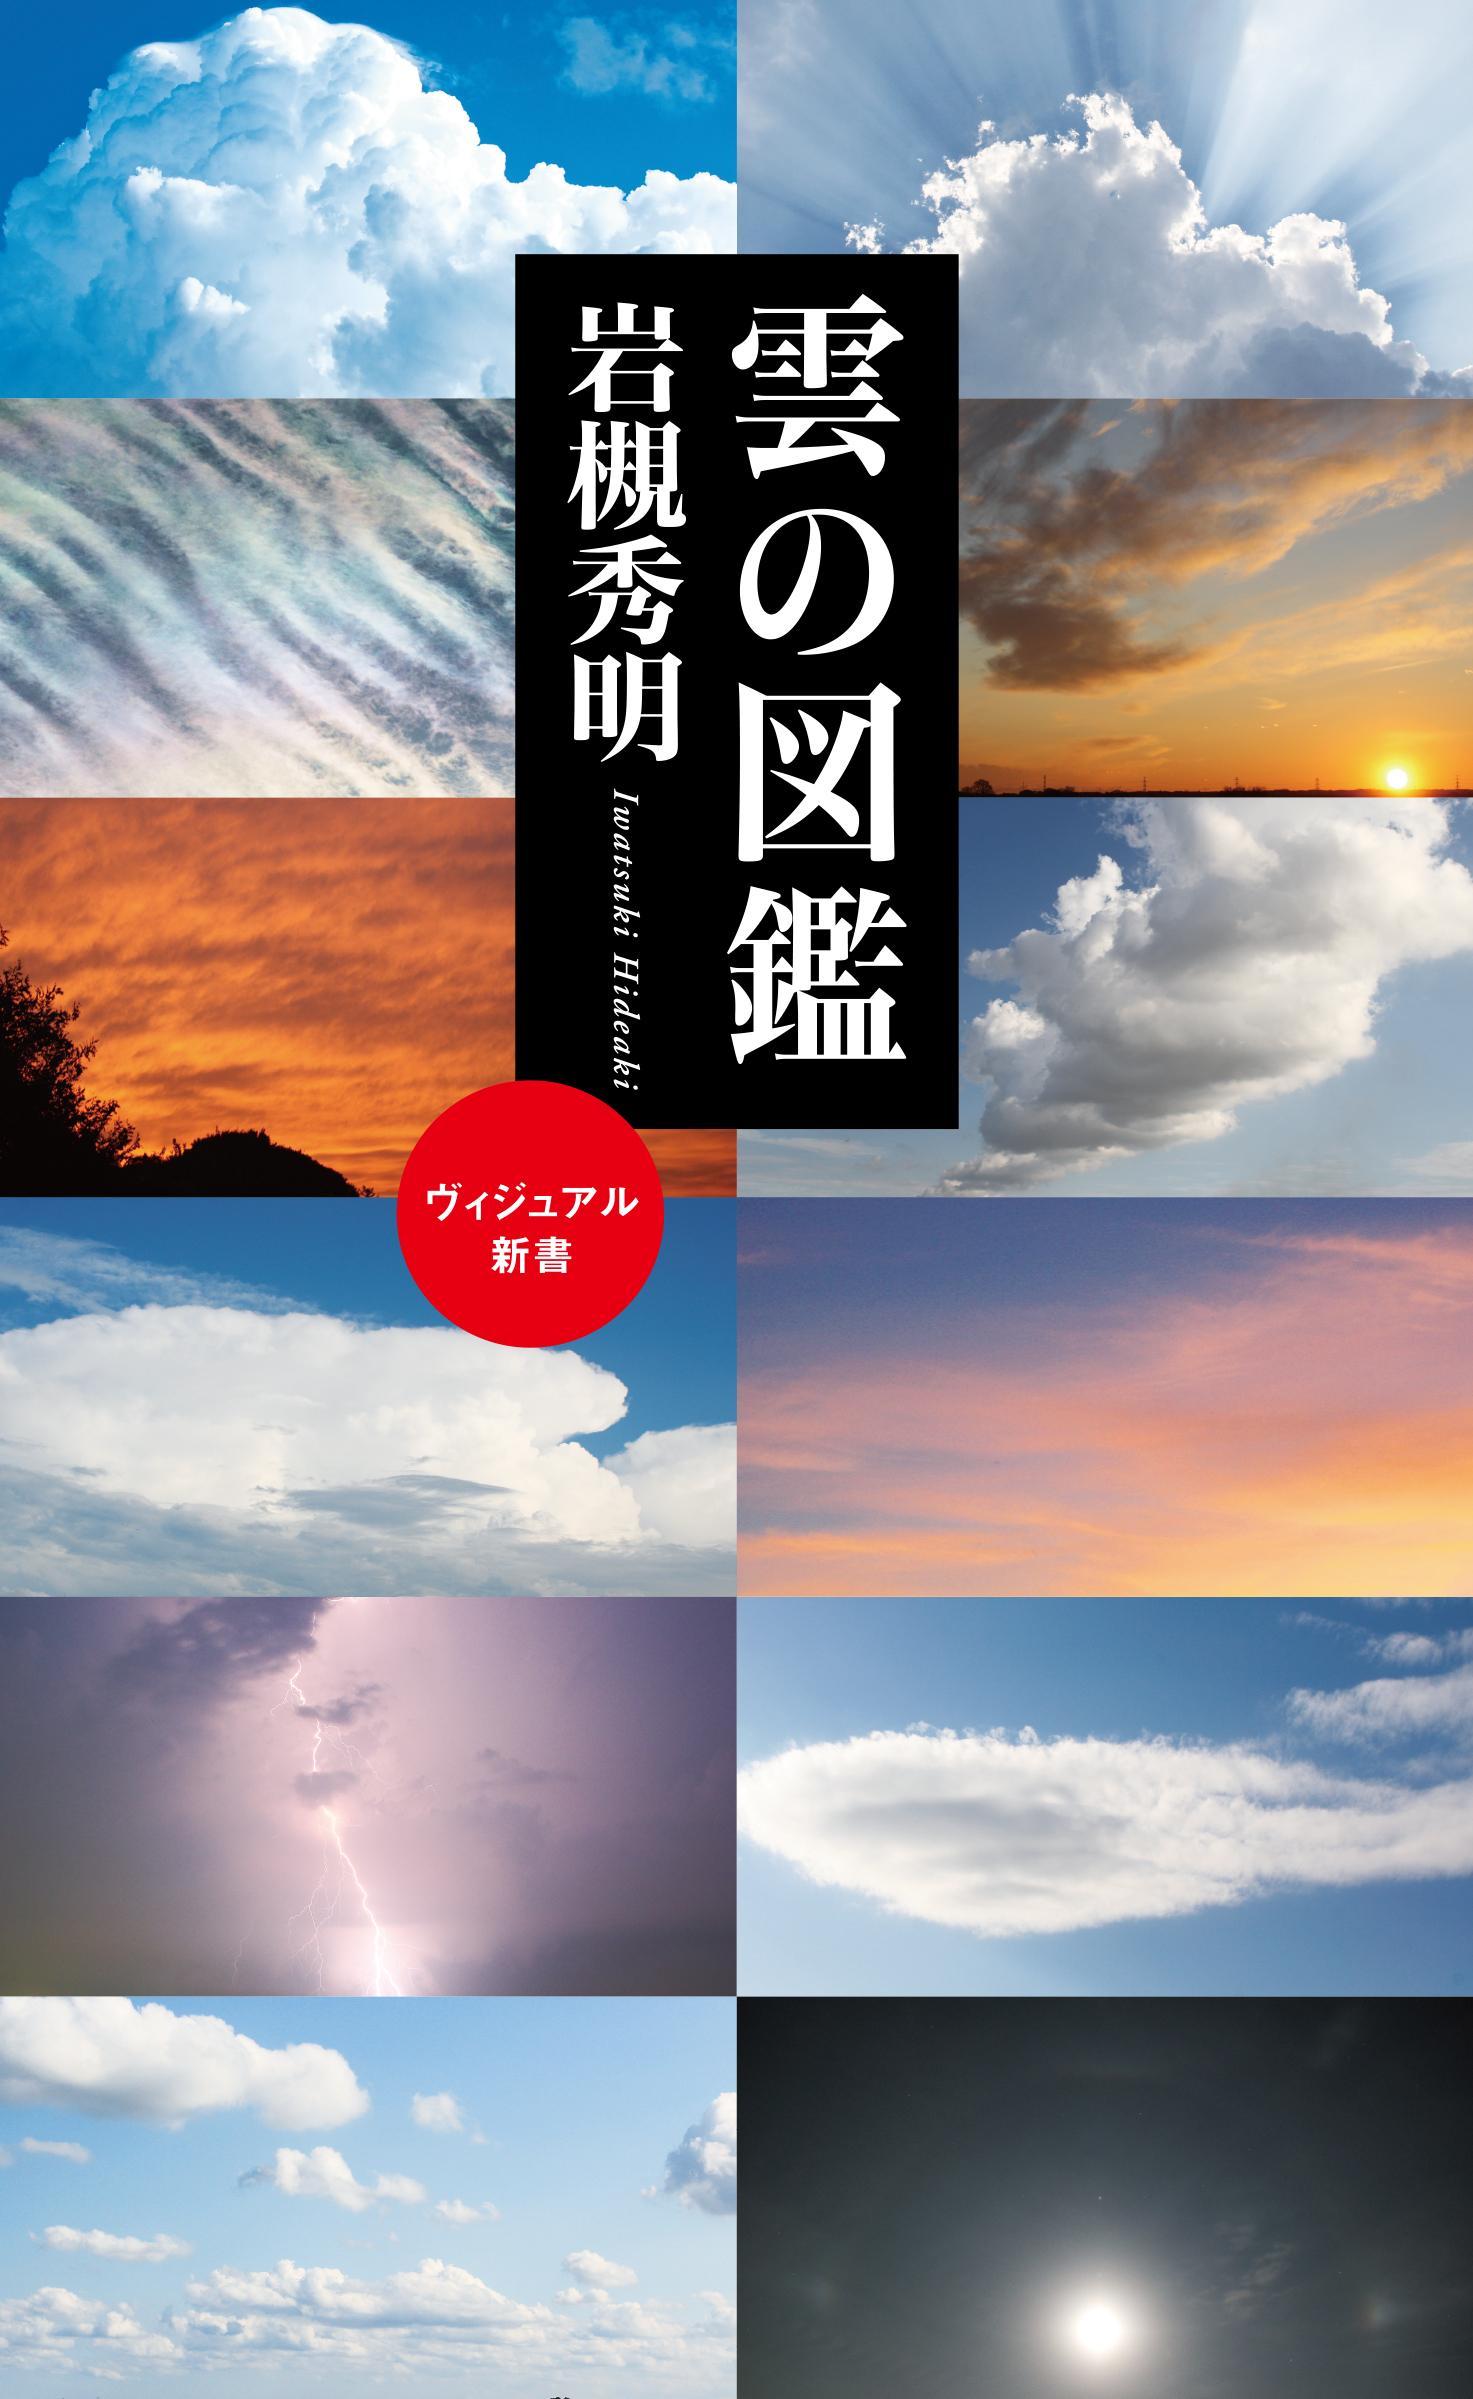 雲が絶対好きになる!雲の楽しみ方のススメ!【自由研究のヒント①】